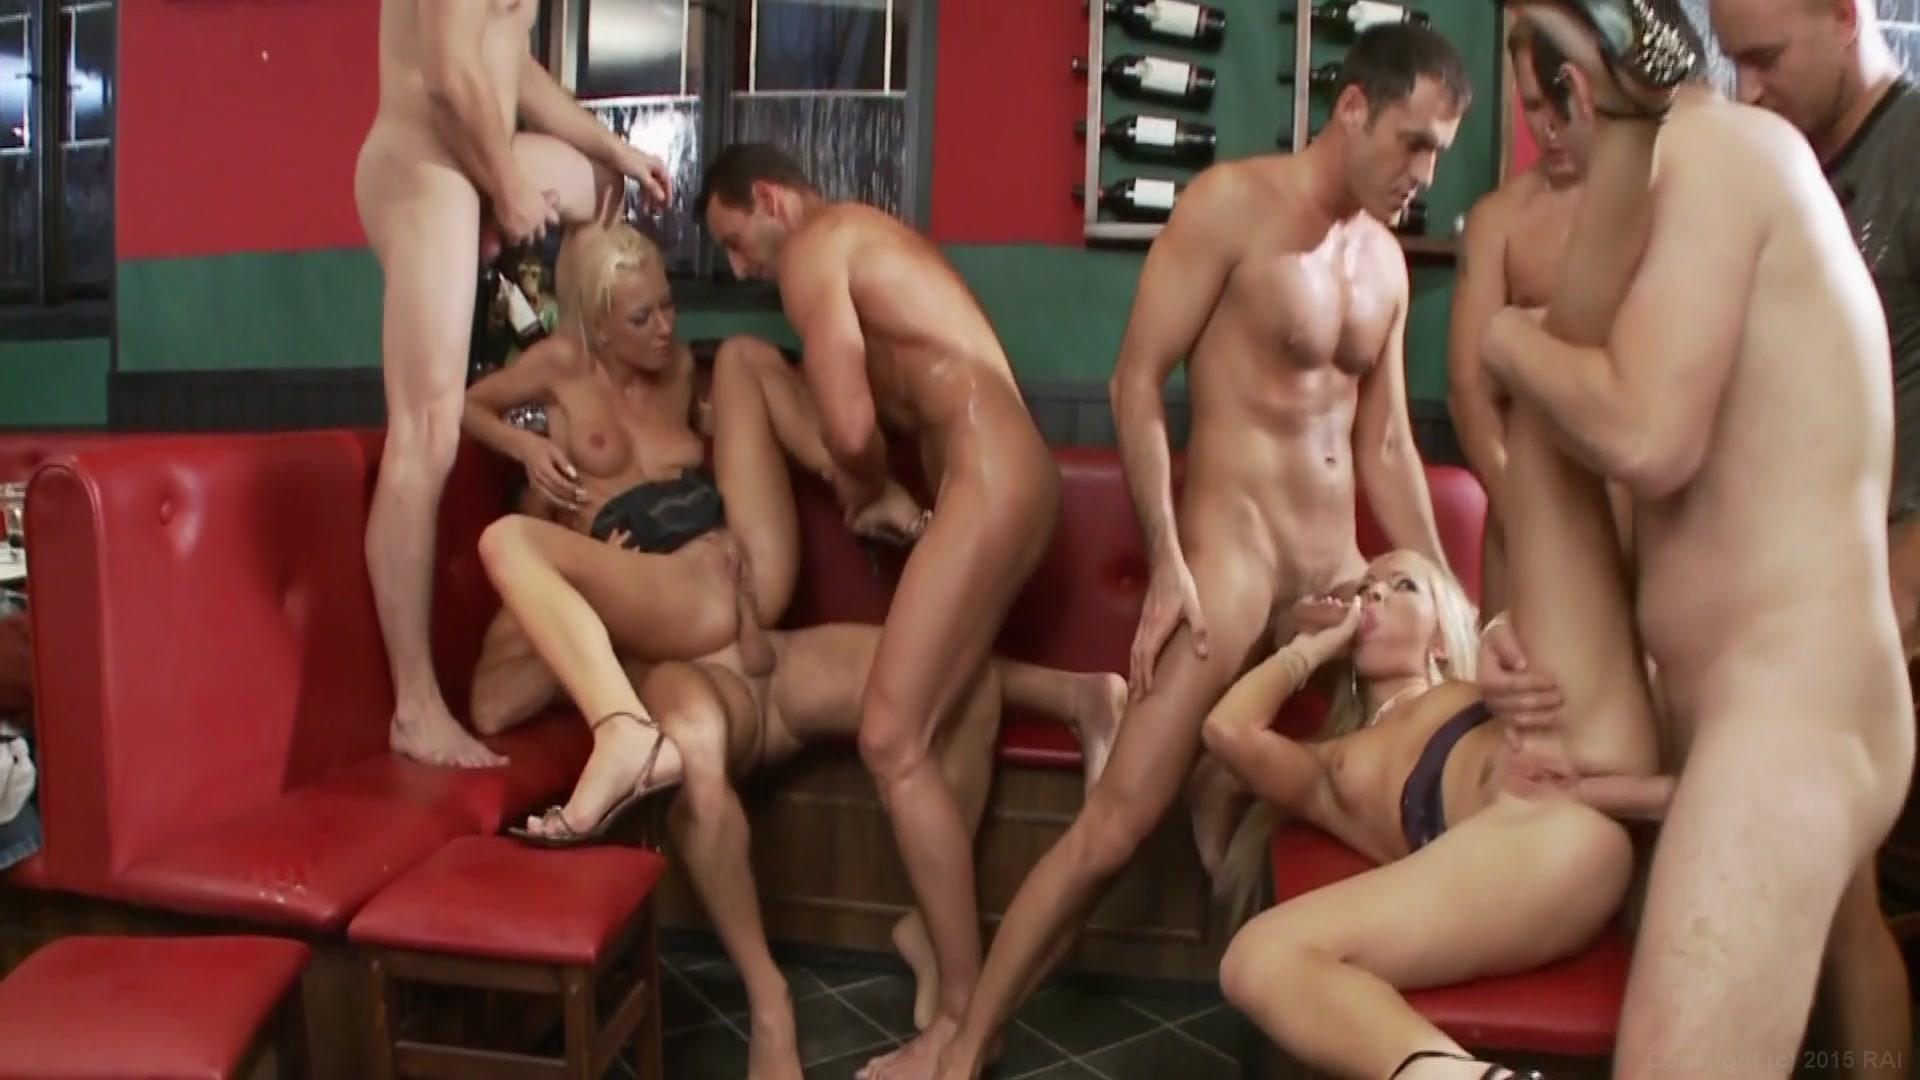 Фото красивые оргии секс лянтор копилка медосмотров порно